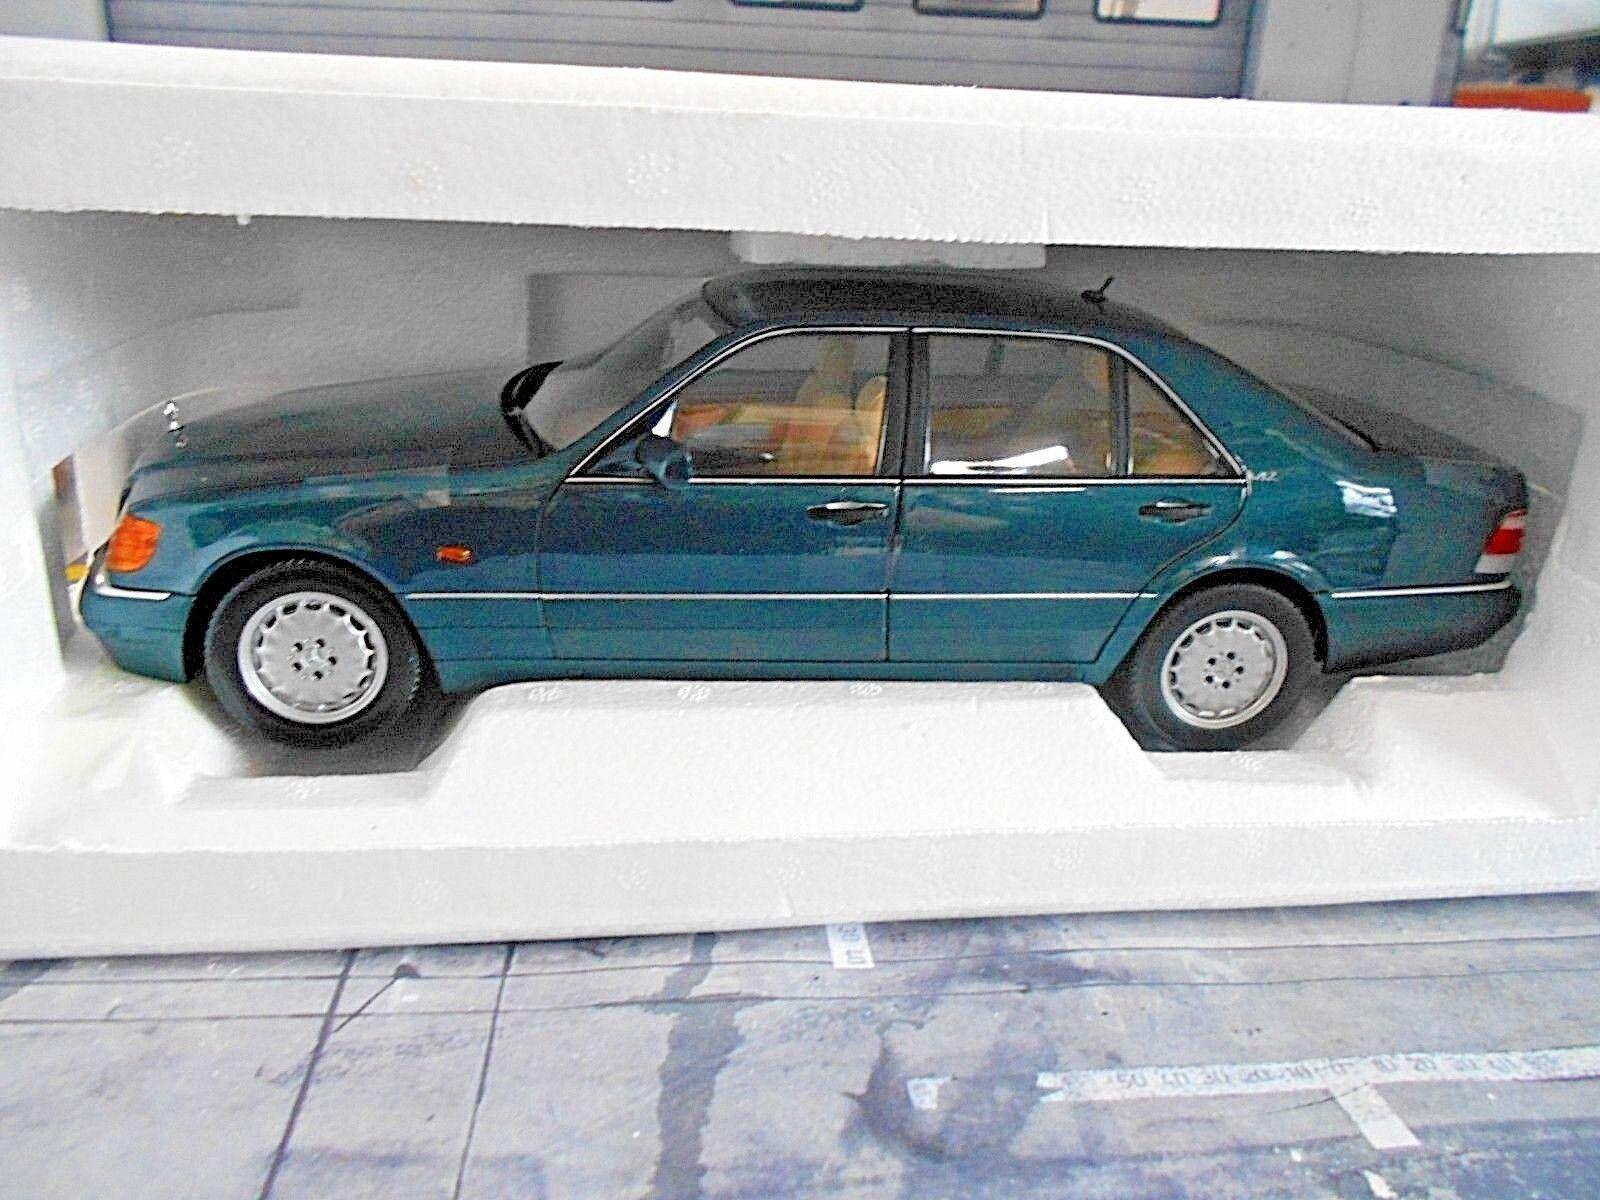 Mercedes Benz Classe S w140 600 s600 1997 Vert vert 183593 NOREV NEUF 1 18